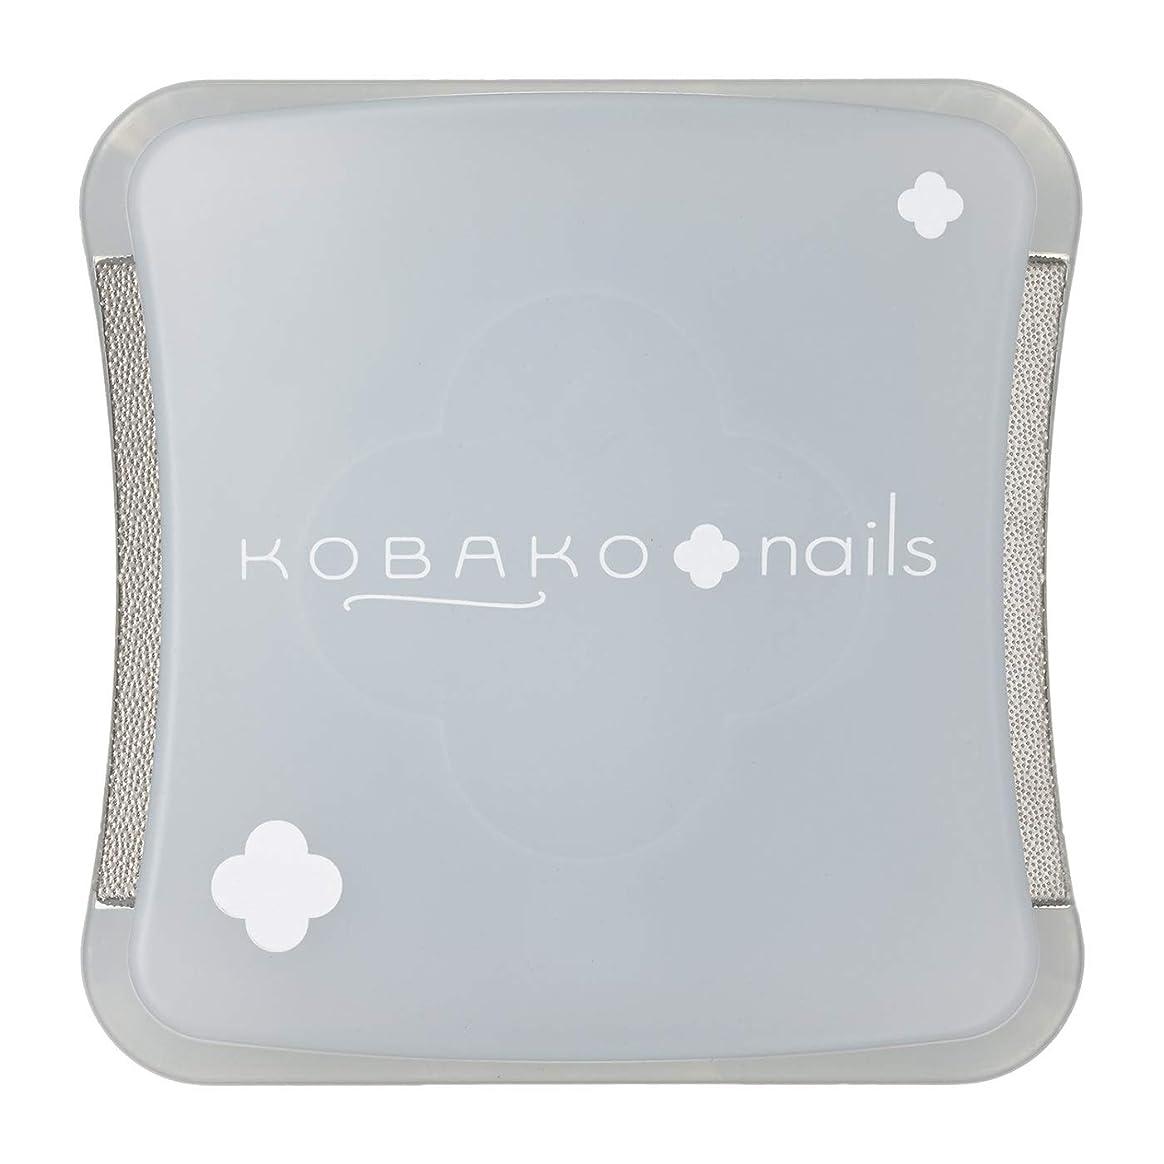 モザイク白い蓮KOBAKO(コバコ) コンパクトネイルファイル